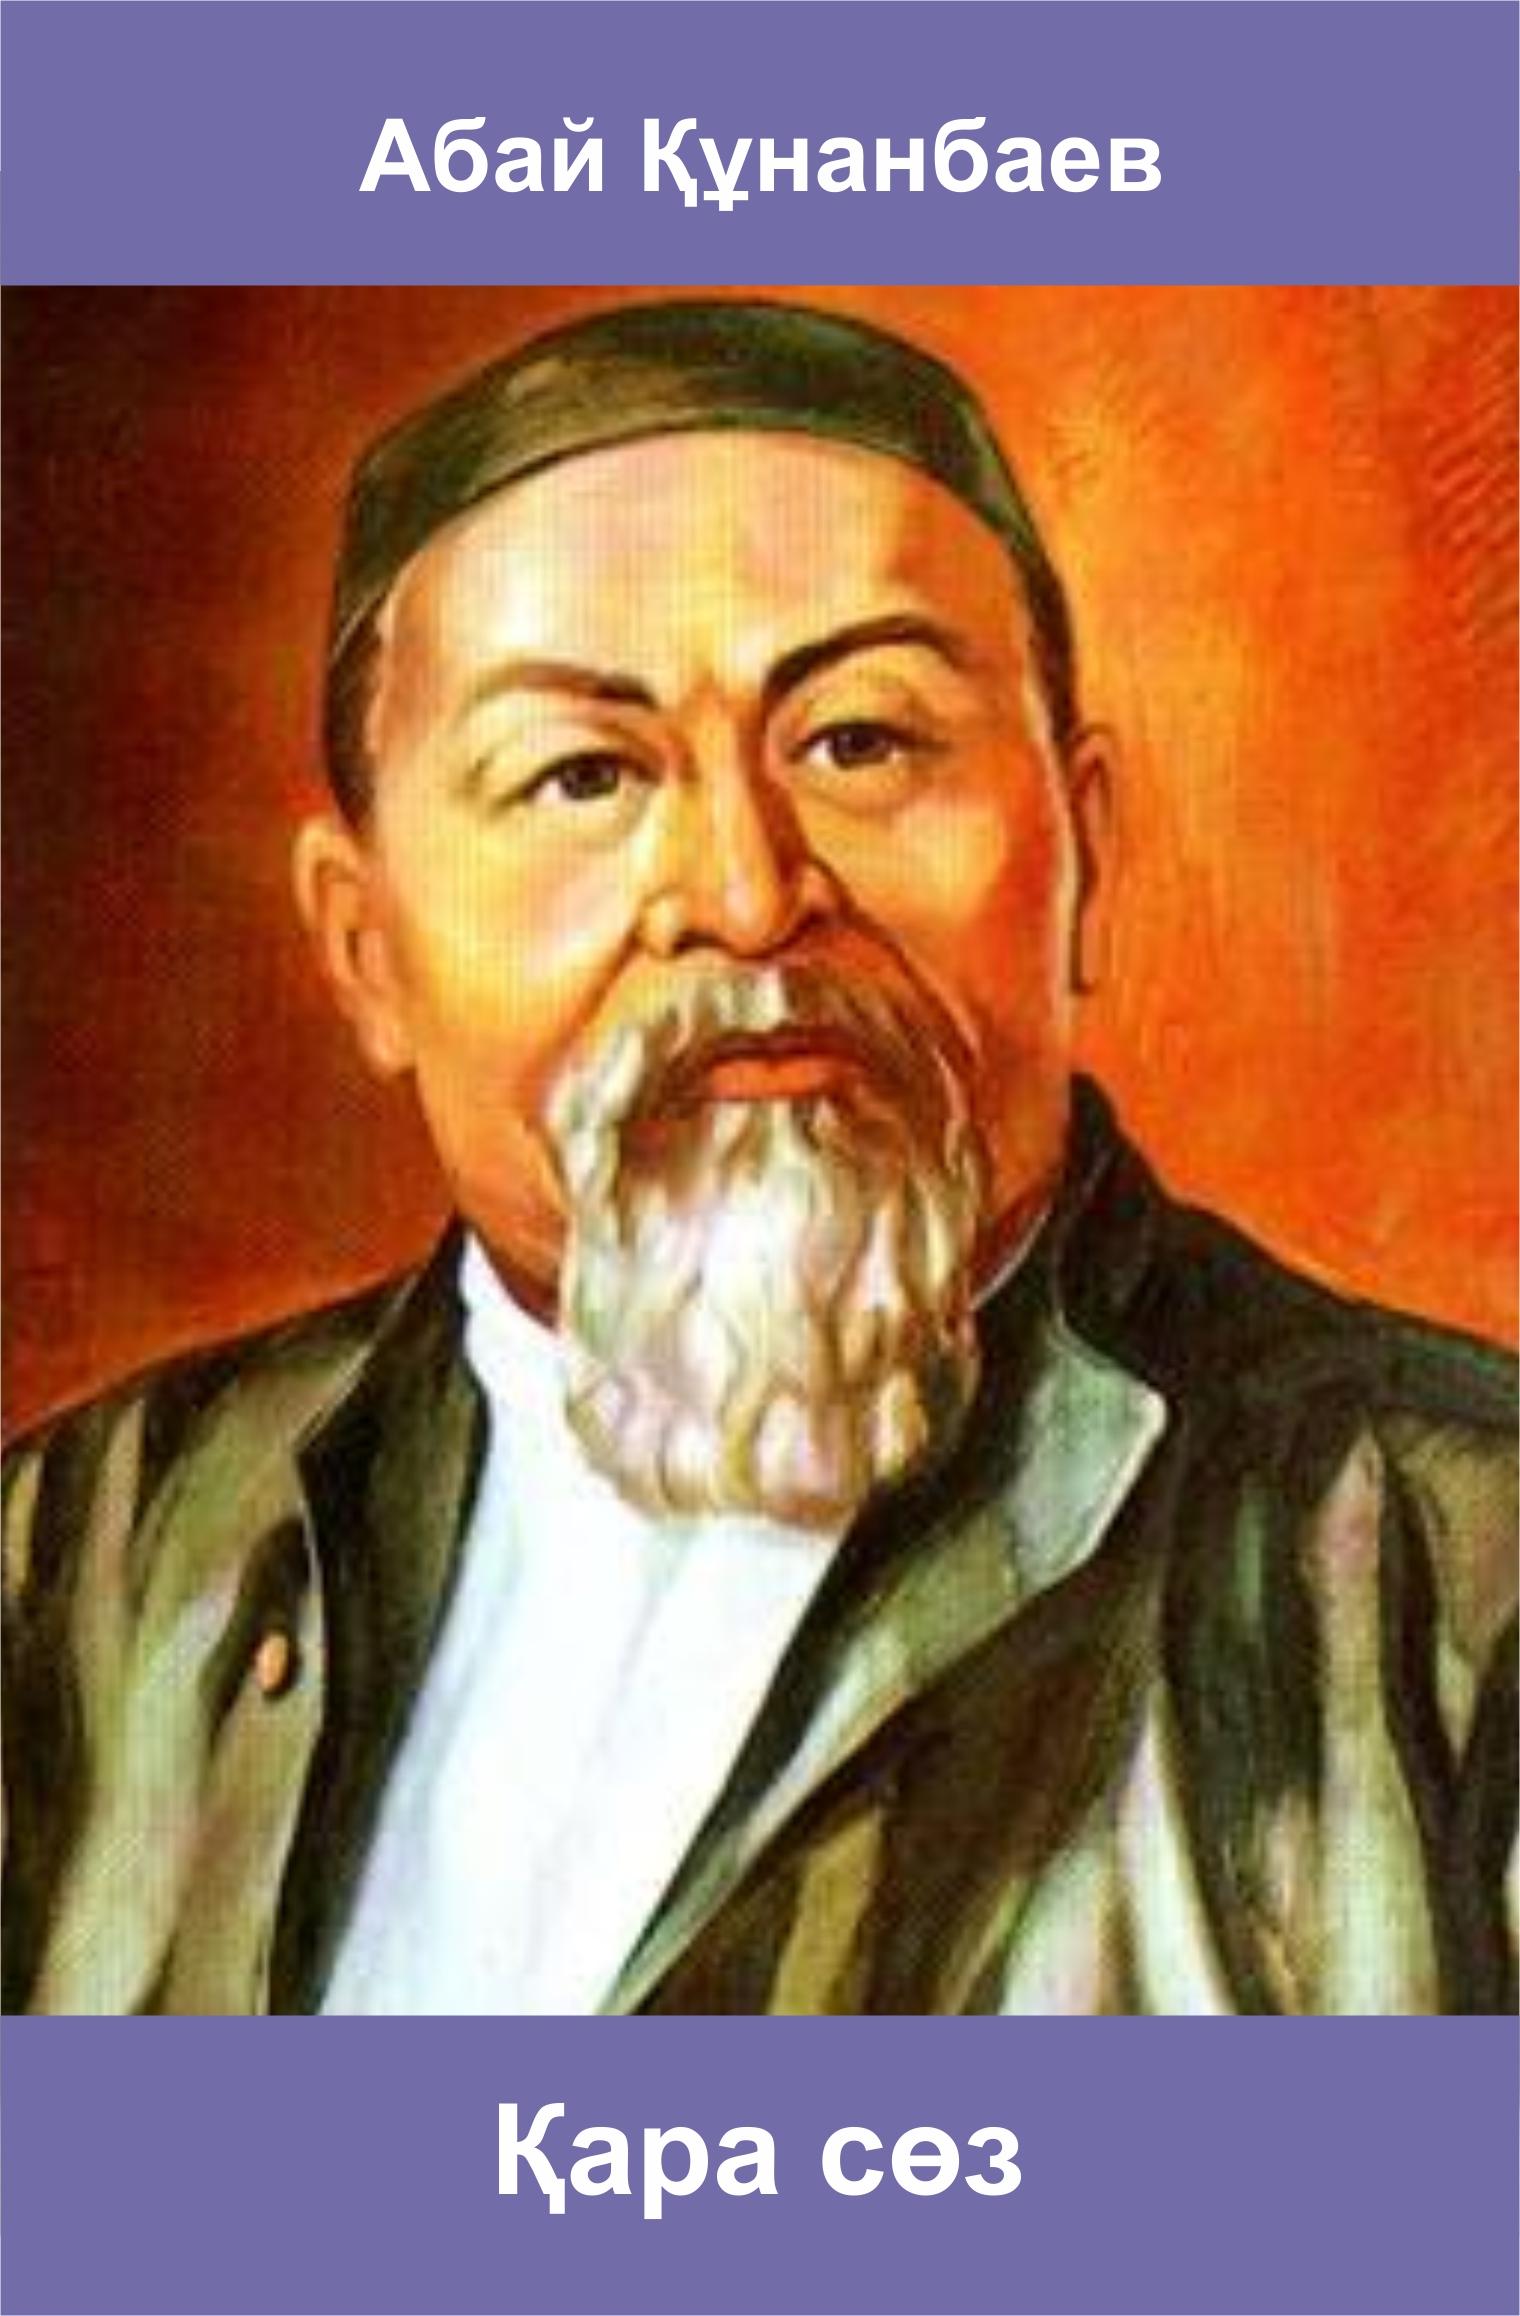 славянском казахстан абай в картинках персонажем которого играем